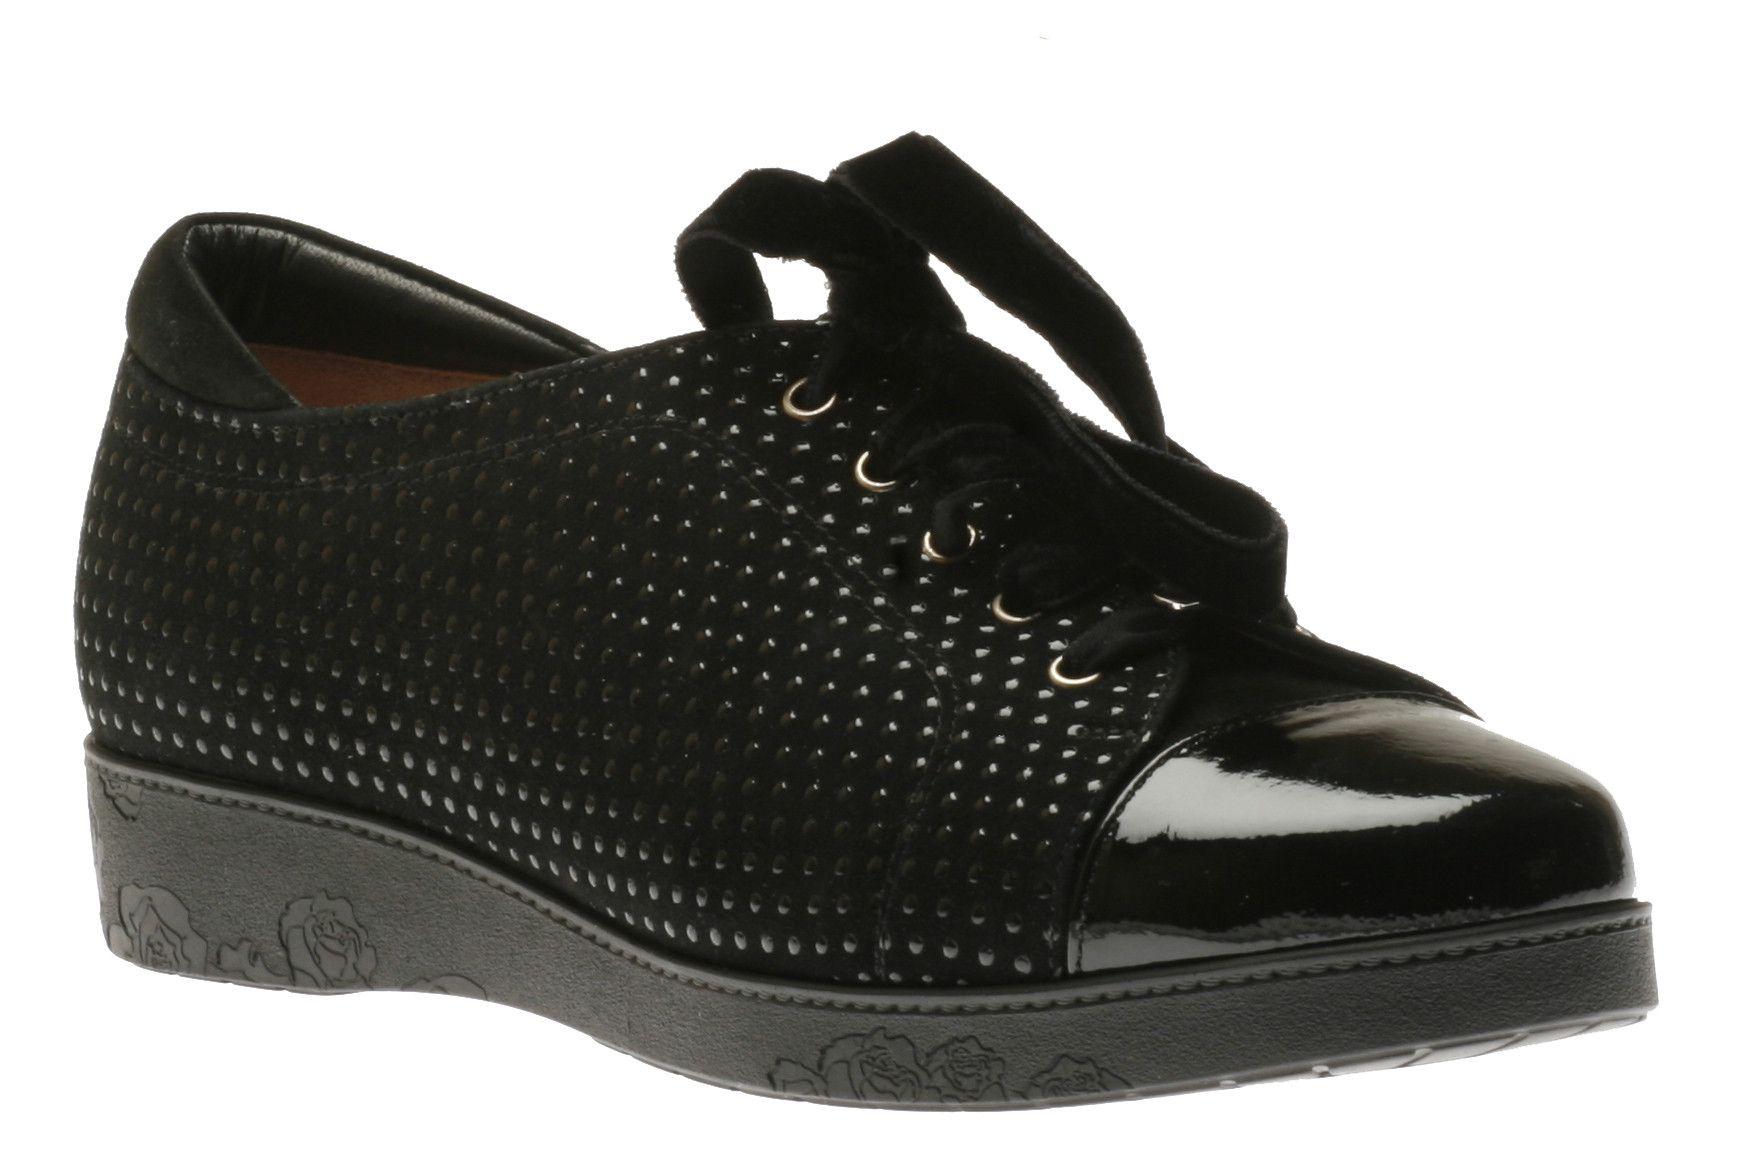 Cella Black 3D nieuwe schoenen Schoenen    Cella Black 3D   title=  f70a7299370ce867c5dd2f4a82c1f4c2     nieuwe schoenen Schoenen